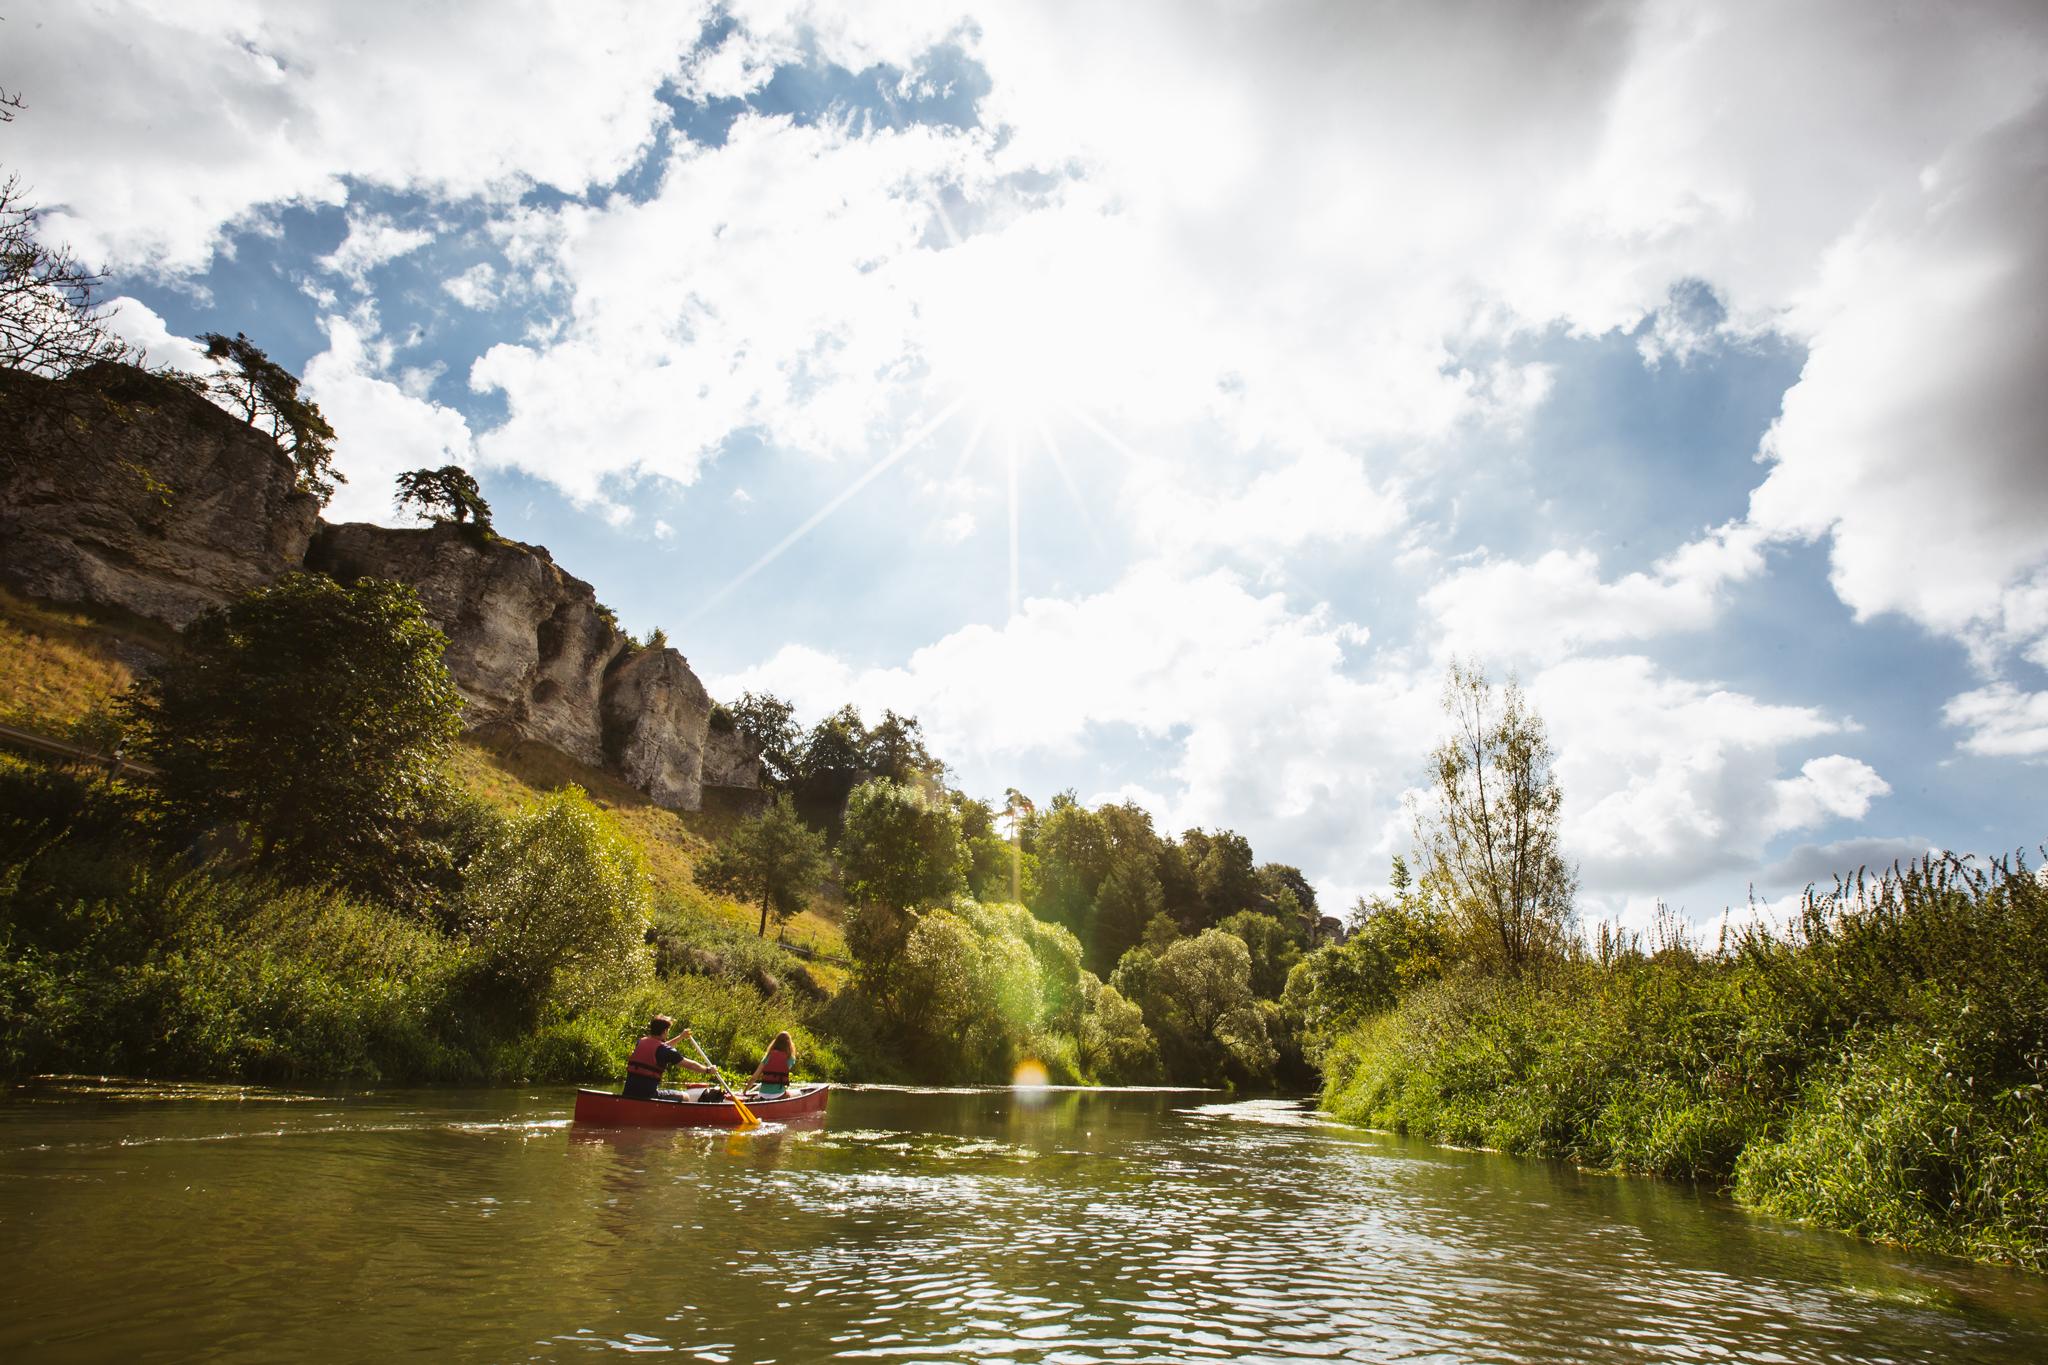 Die geringe Fließgeschwindigkeit der Altmühl macht sie bei Paddlern besonders beliebt © Tourismusverband Naturpark Altmühl, Sebastian Stiphout